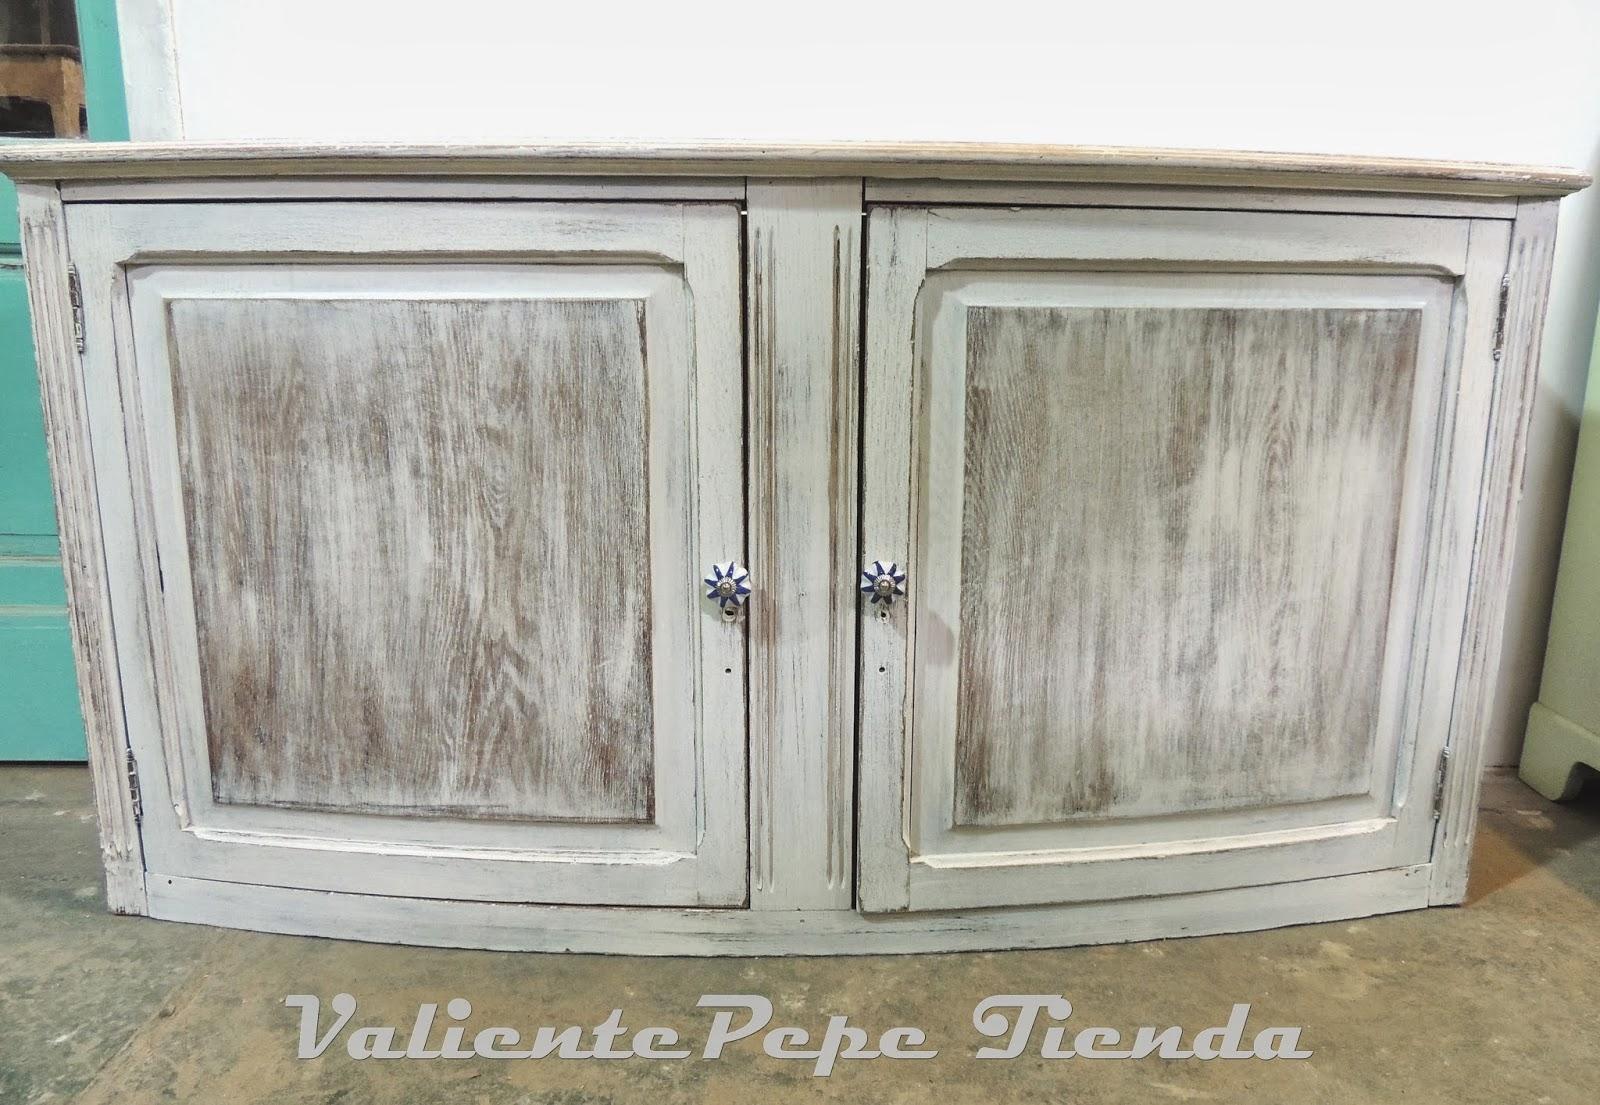 Valiente pepe antiguo mueble bajo aparador bomb patinado - Muebles de madera en crudo ...